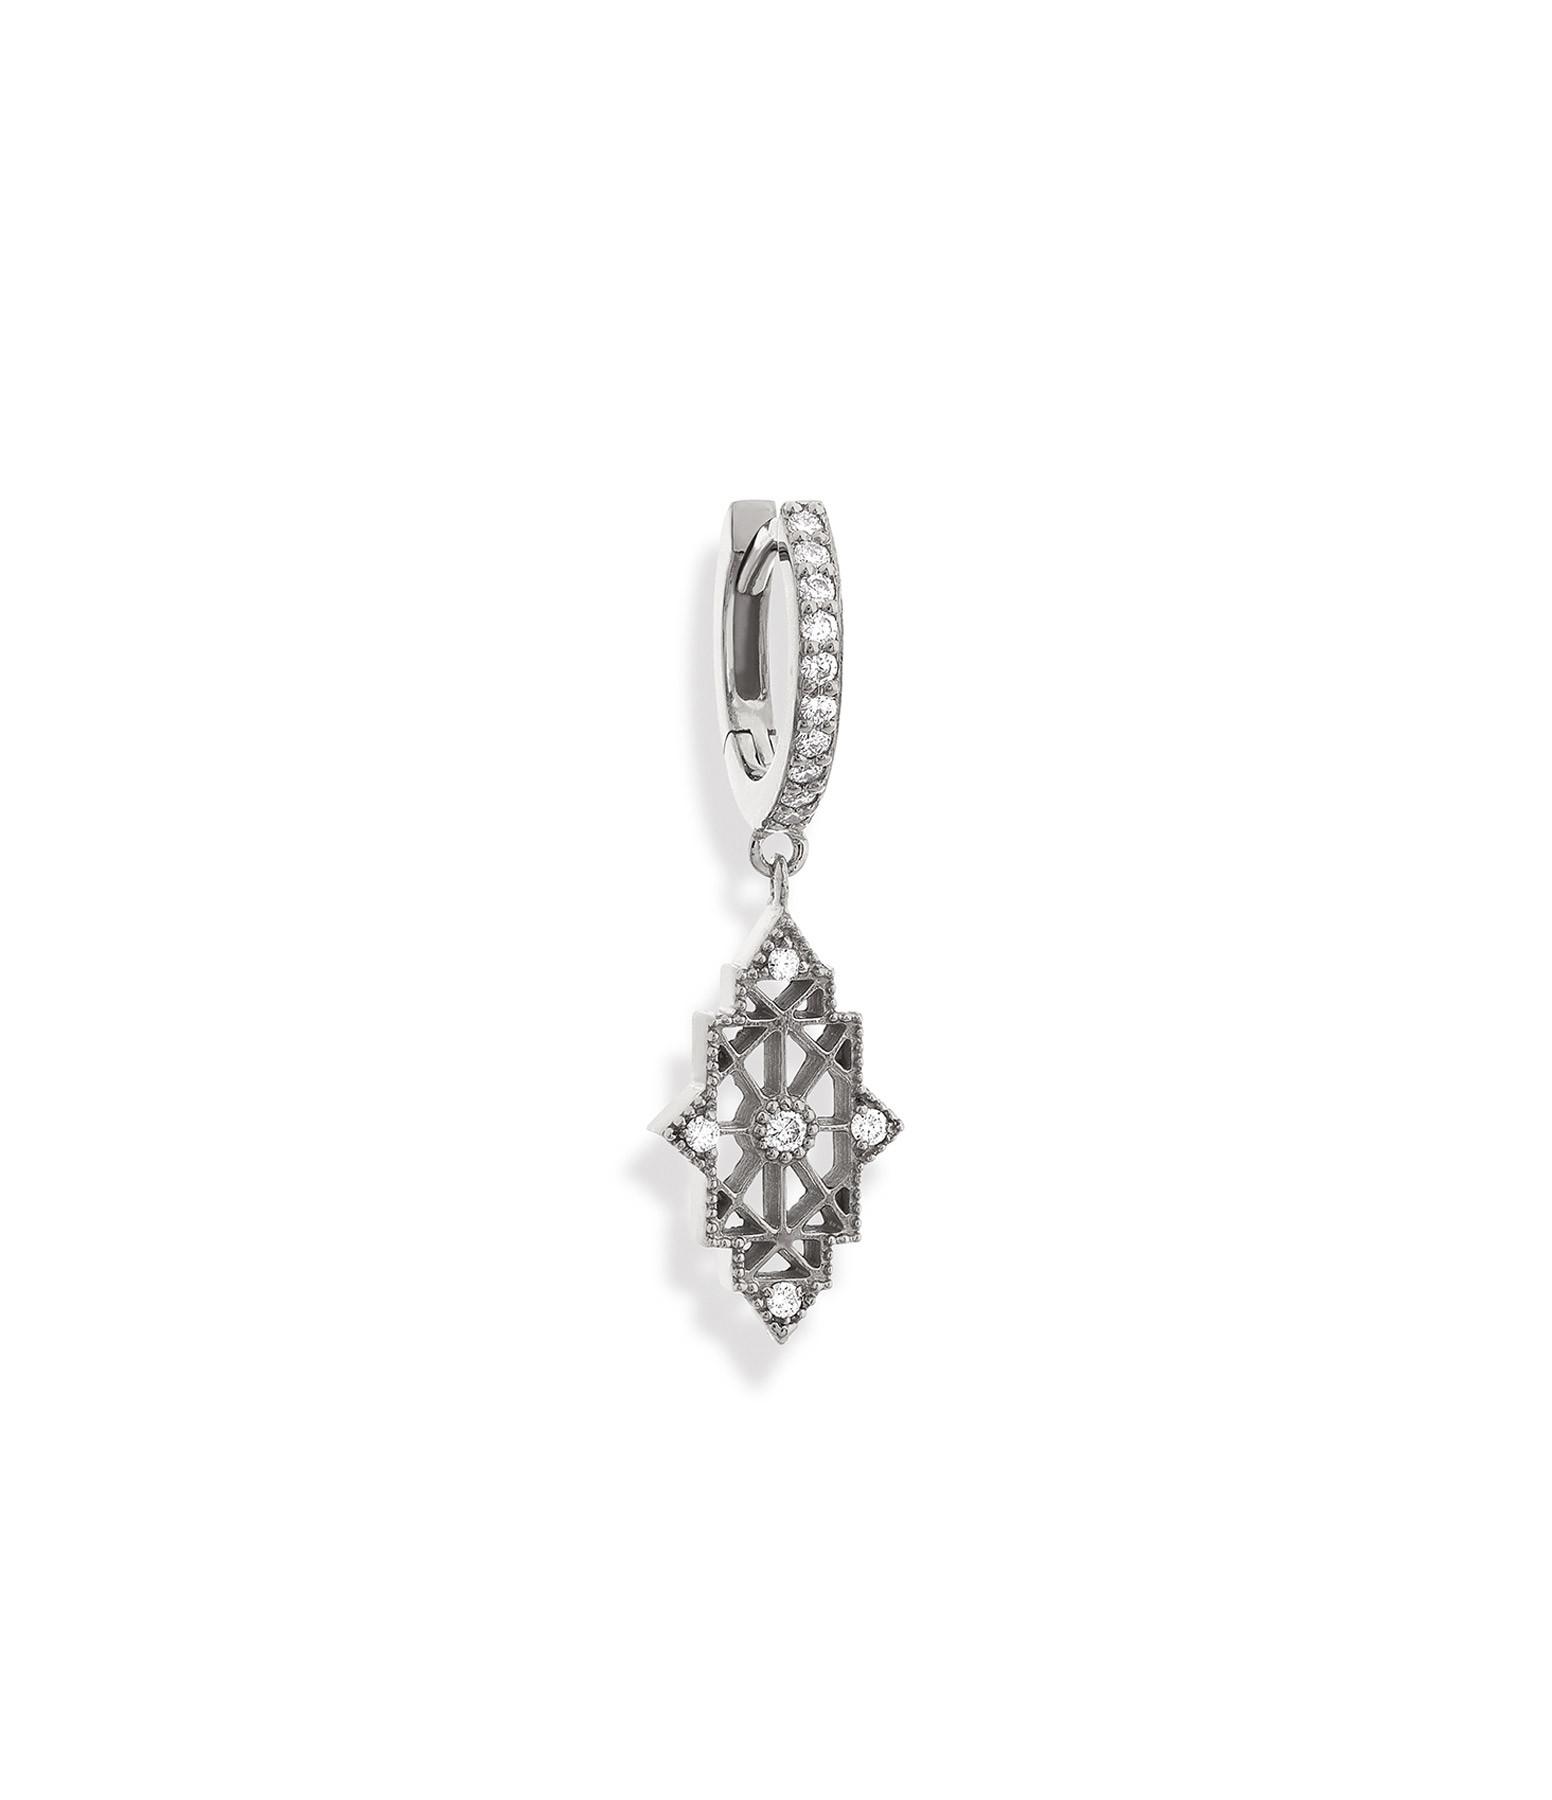 NAVA JOAILLERIE - Boucle d'oreille Nour Or Blanc (vendue à l'unité)